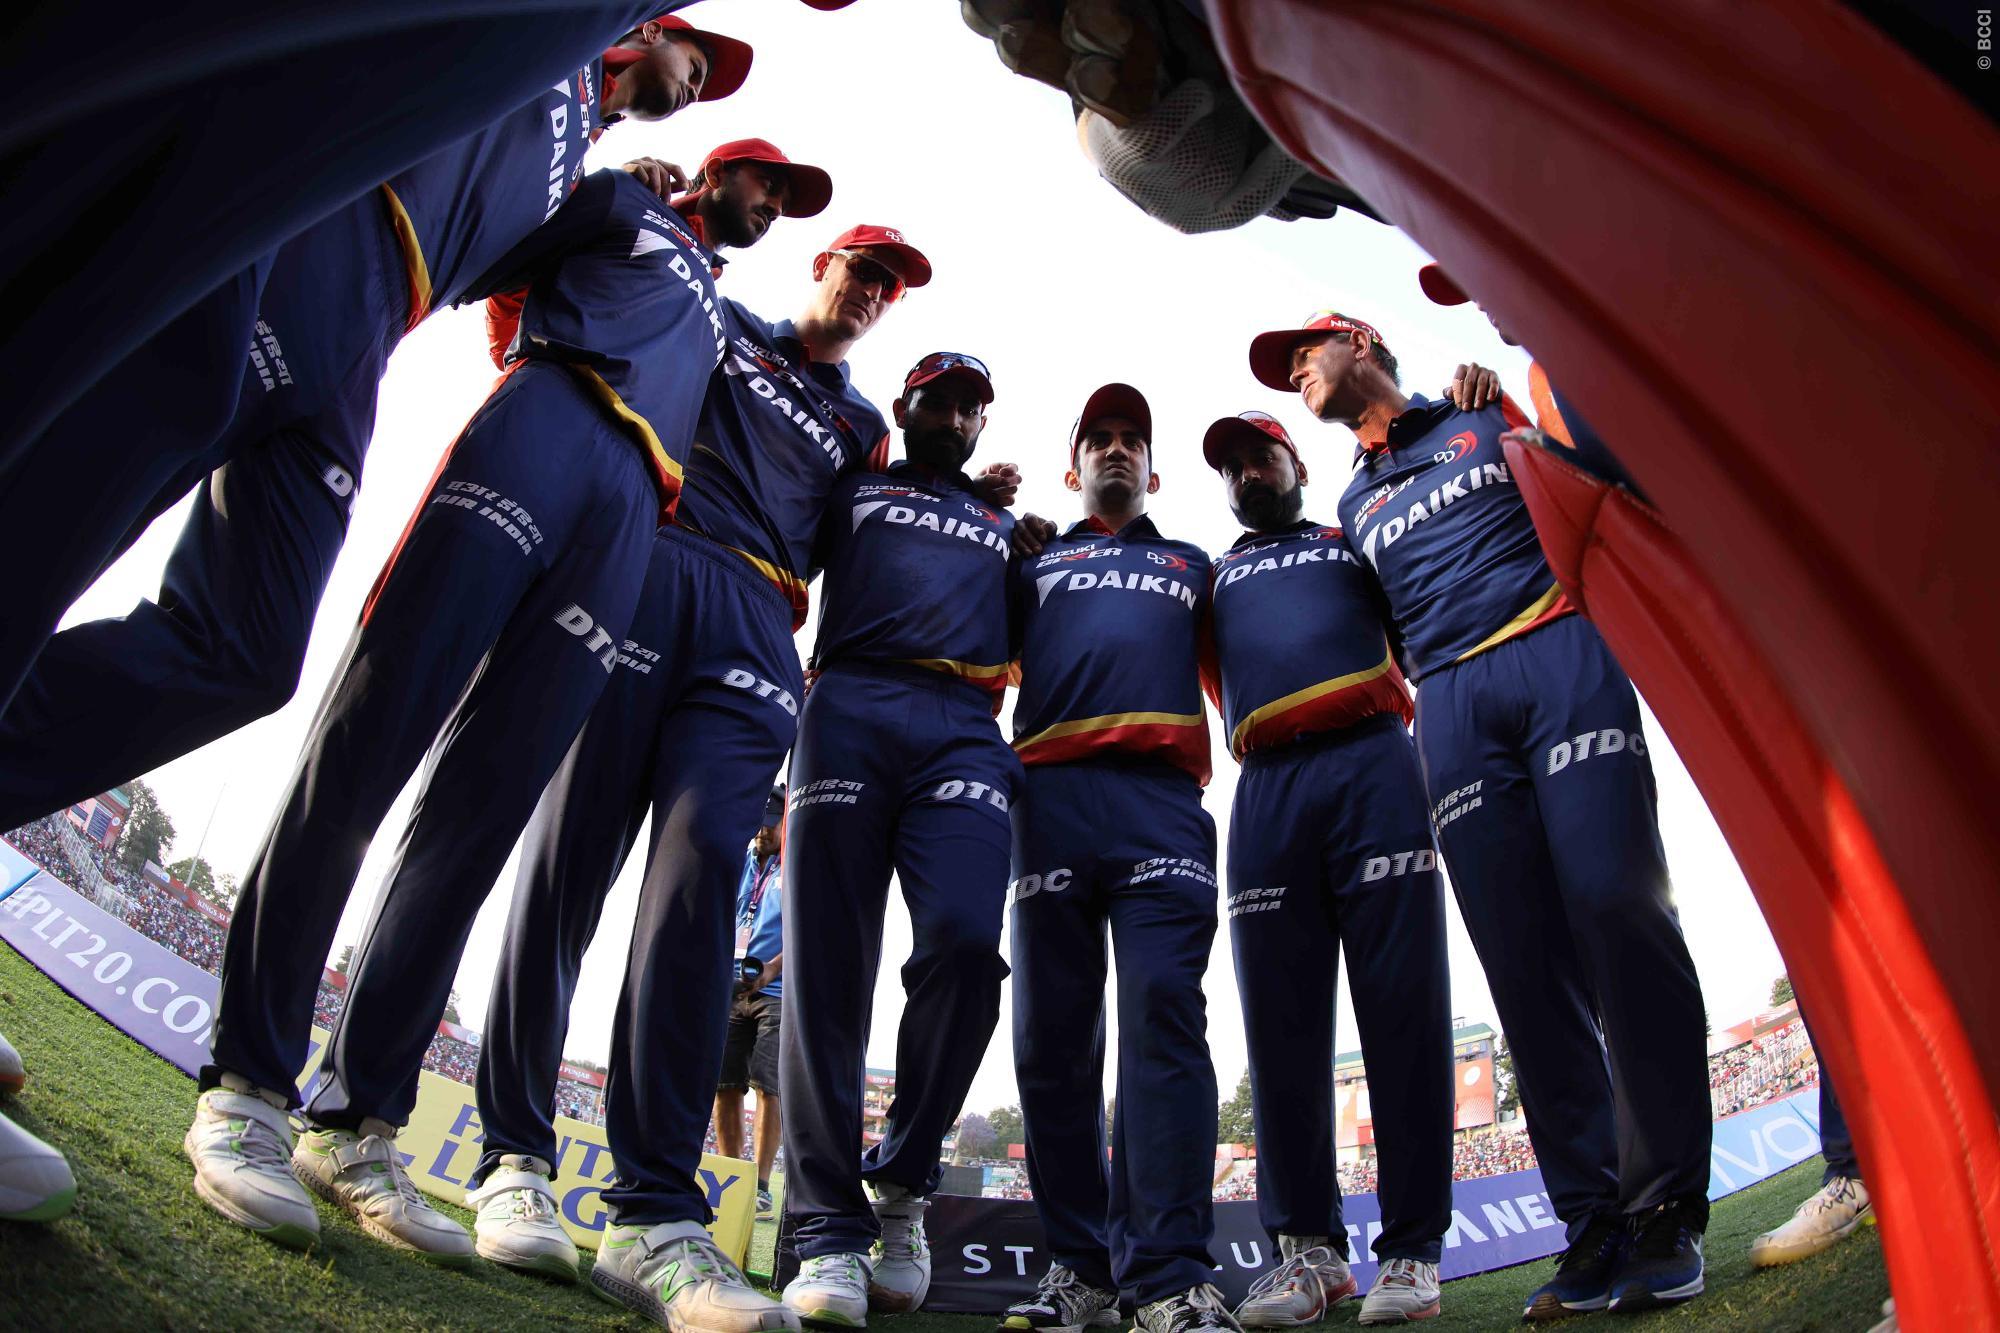 प्लेयर रेटिंग- दिल्ली डेयरडेविल्स की हार के बाद कुछ ऐसी रही दिल्ली के खिलाड़ियों की प्लेयर रेटिंग